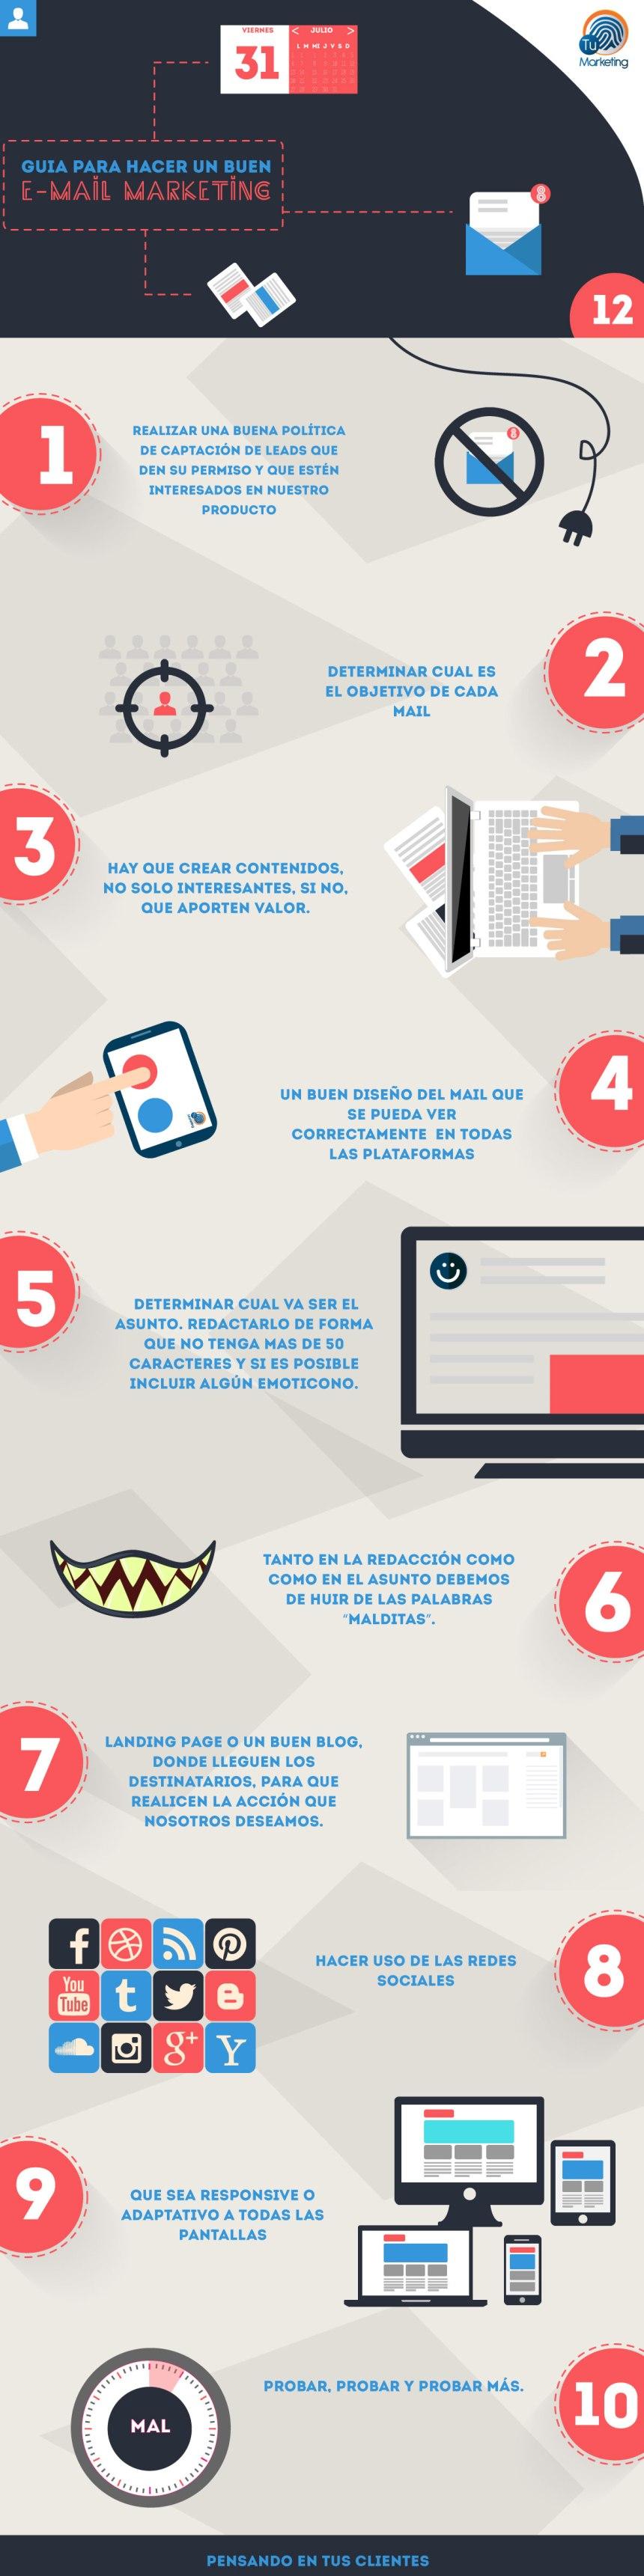 Gu a para hacer buen email marketing infografia - Guia para construir ...